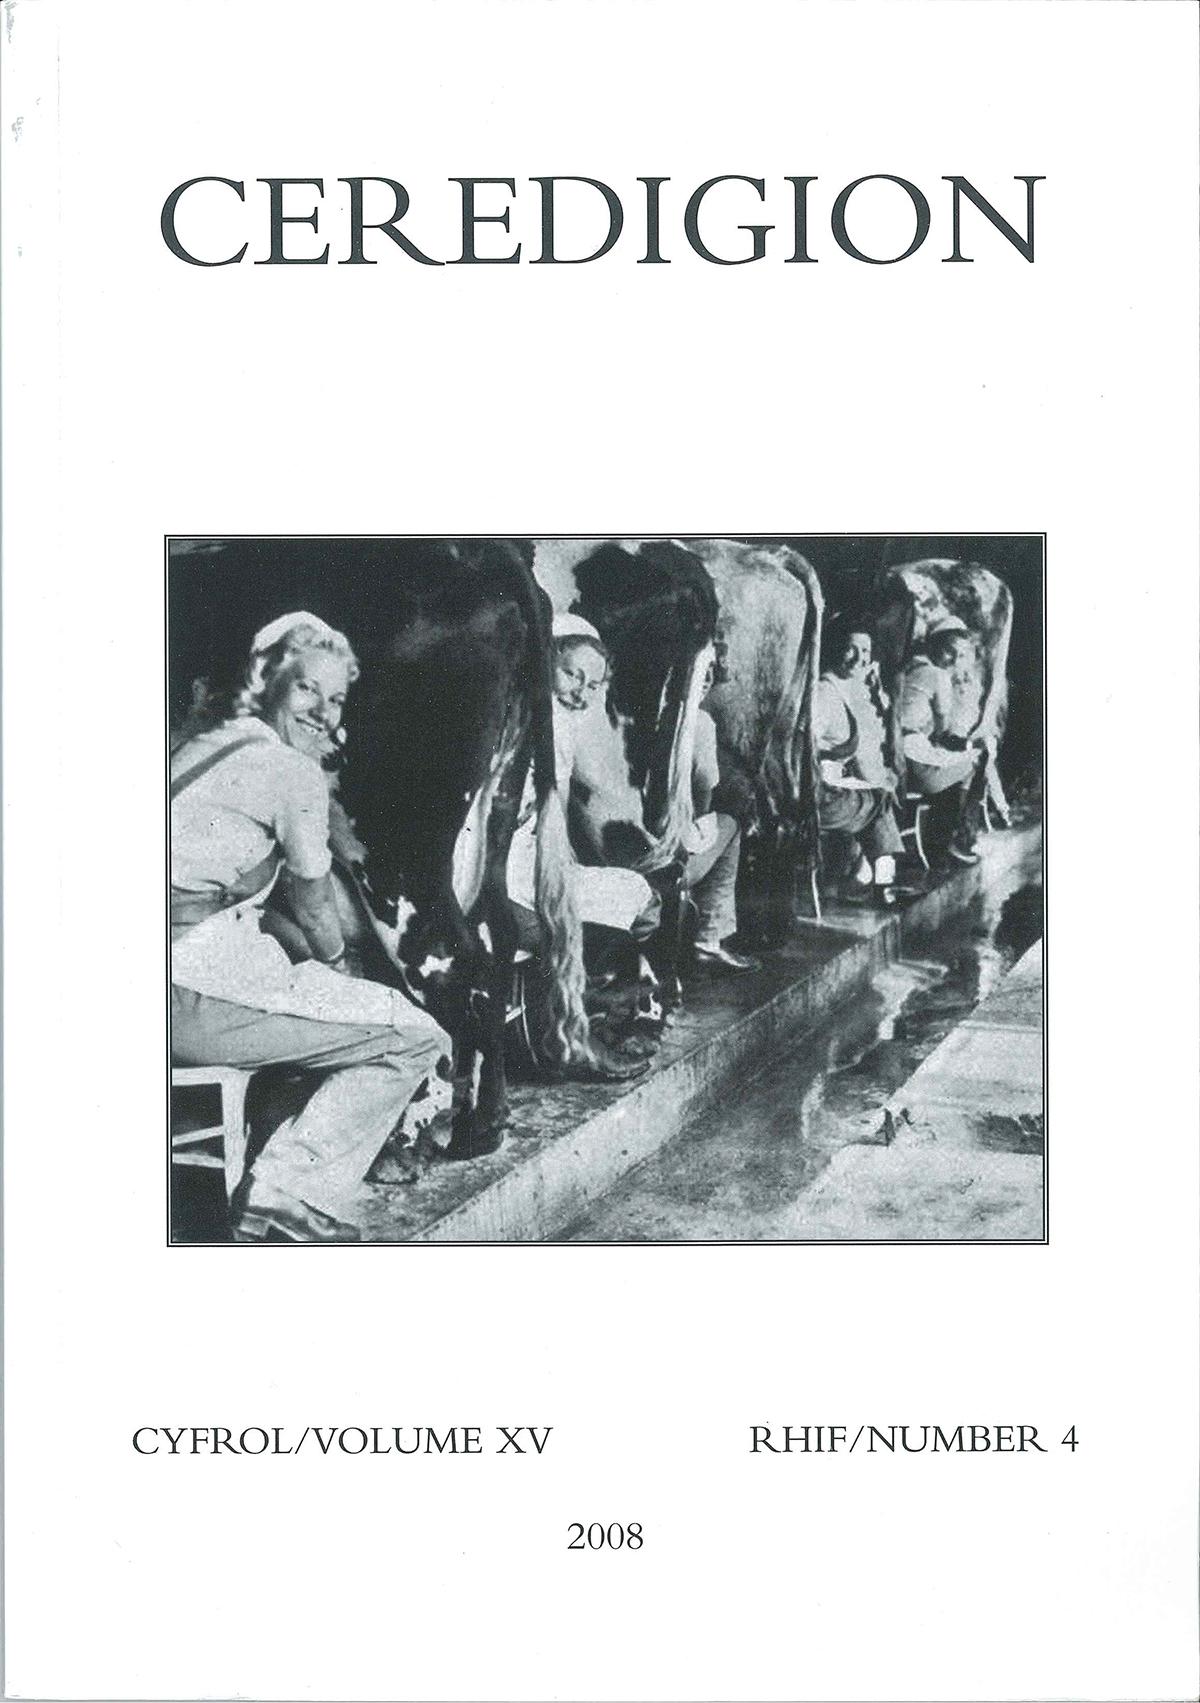 Ceredigion - Journal of the Ceredigion Historical Society Vol XV, No 4, 2008 - ISBN 0069 2263